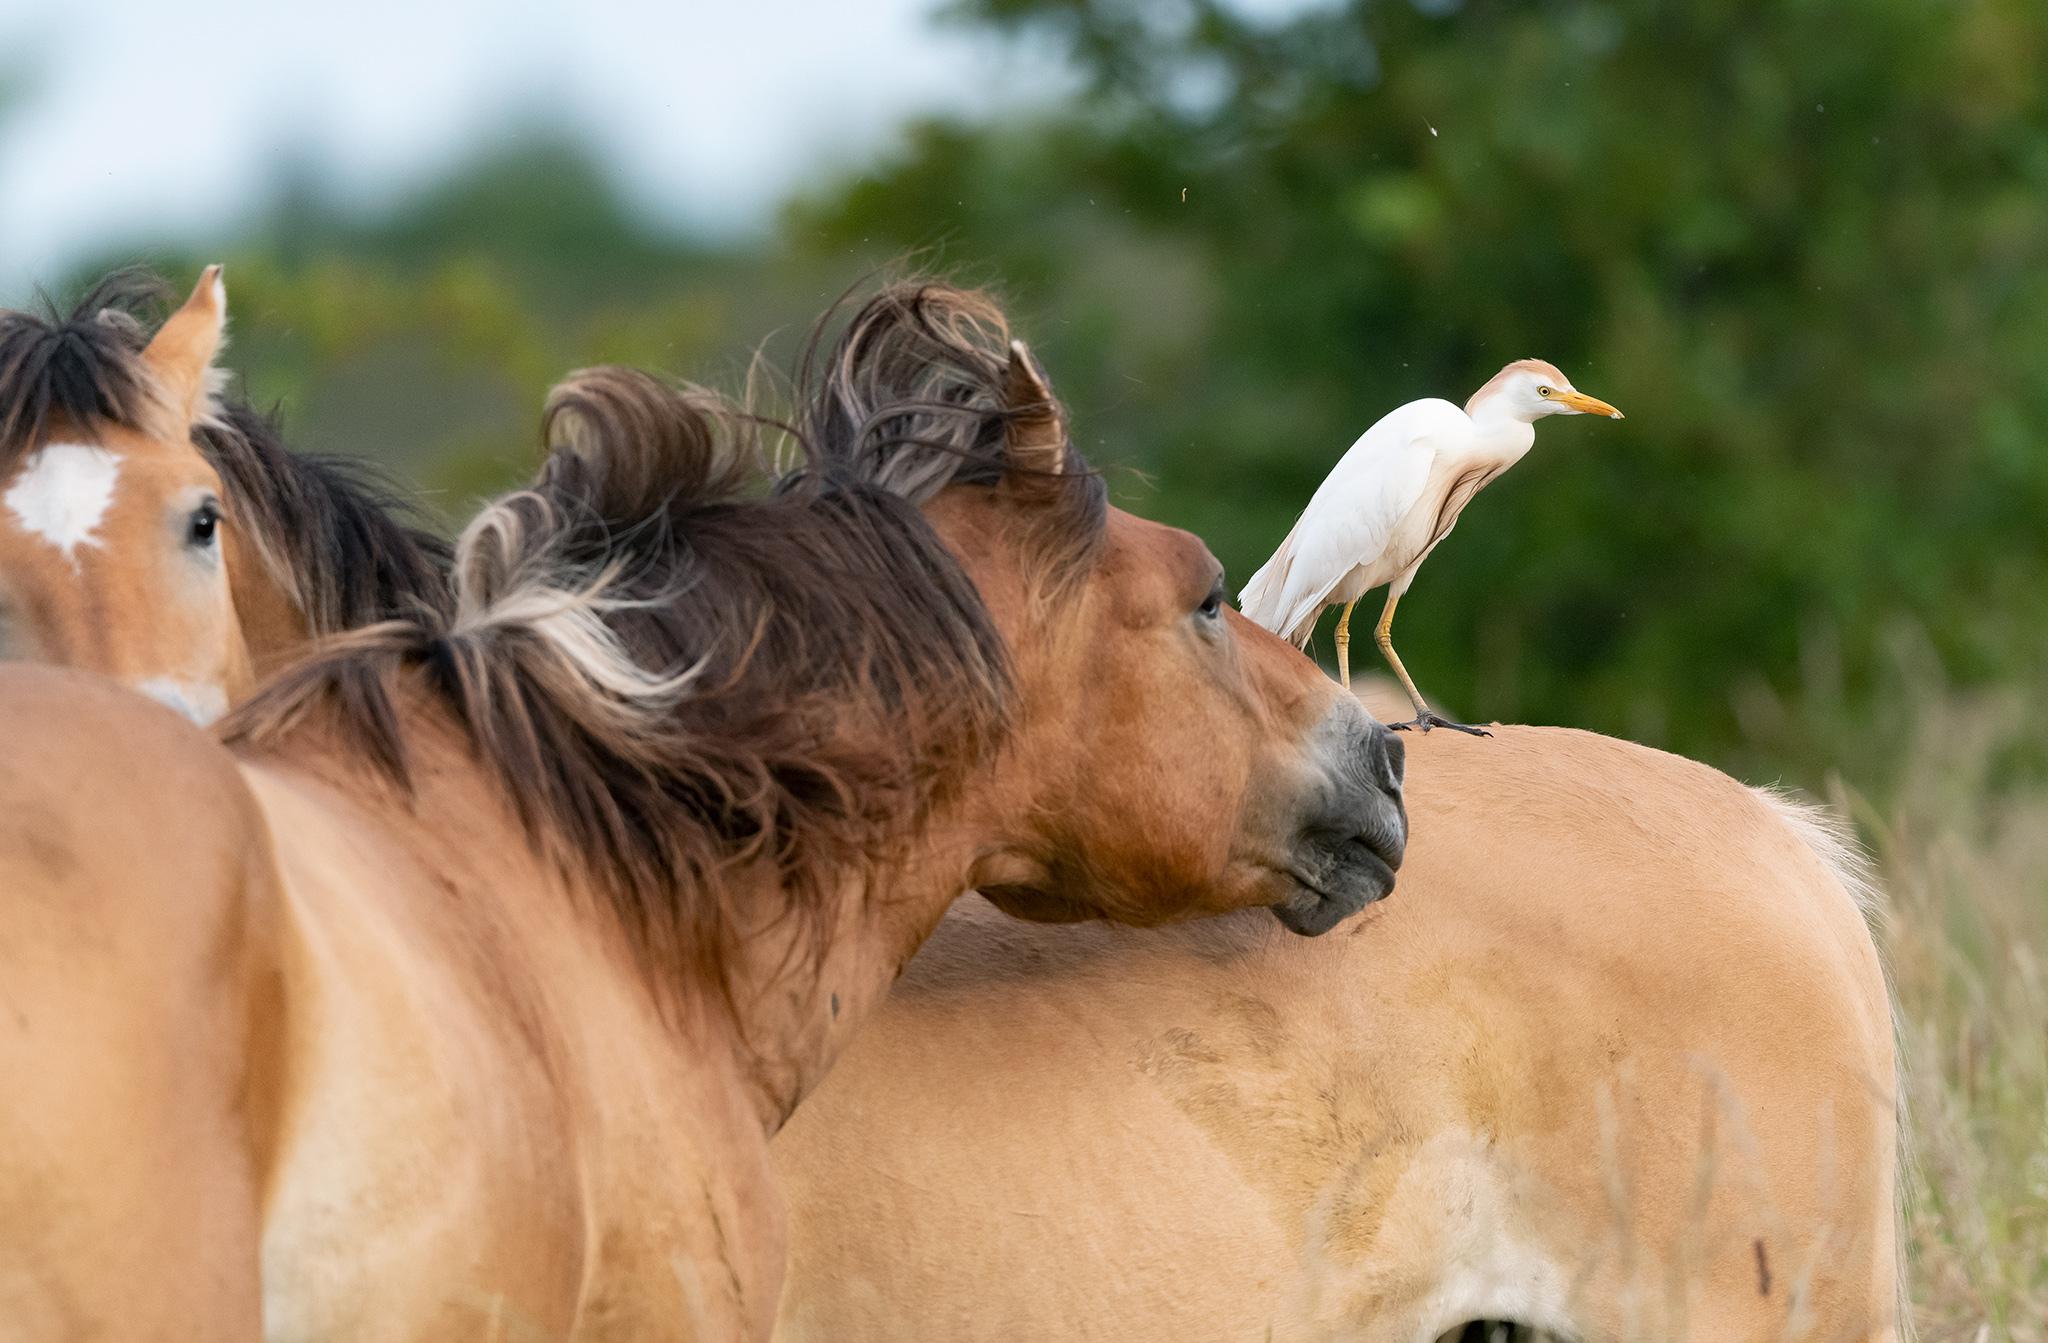 Héron garde-boeufs (Bubulcus ibis) sur la croupe d'un cheval Henson - Baie de Somme